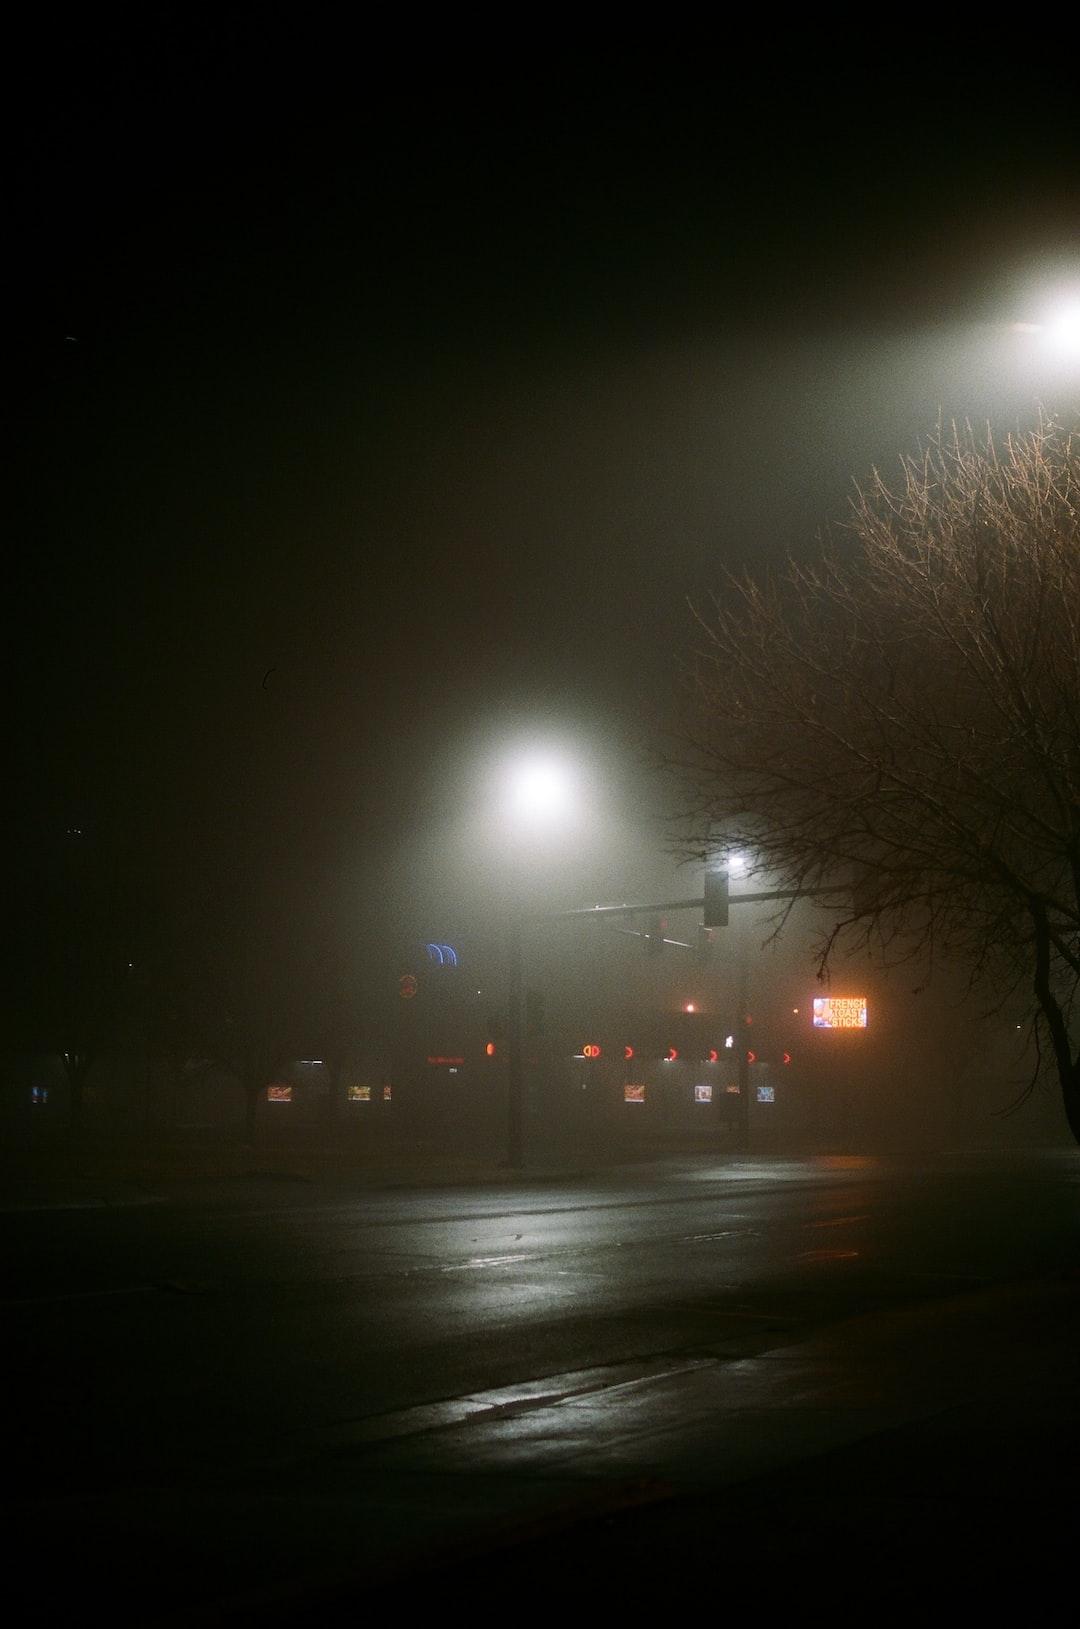 Sonic on a foggy night